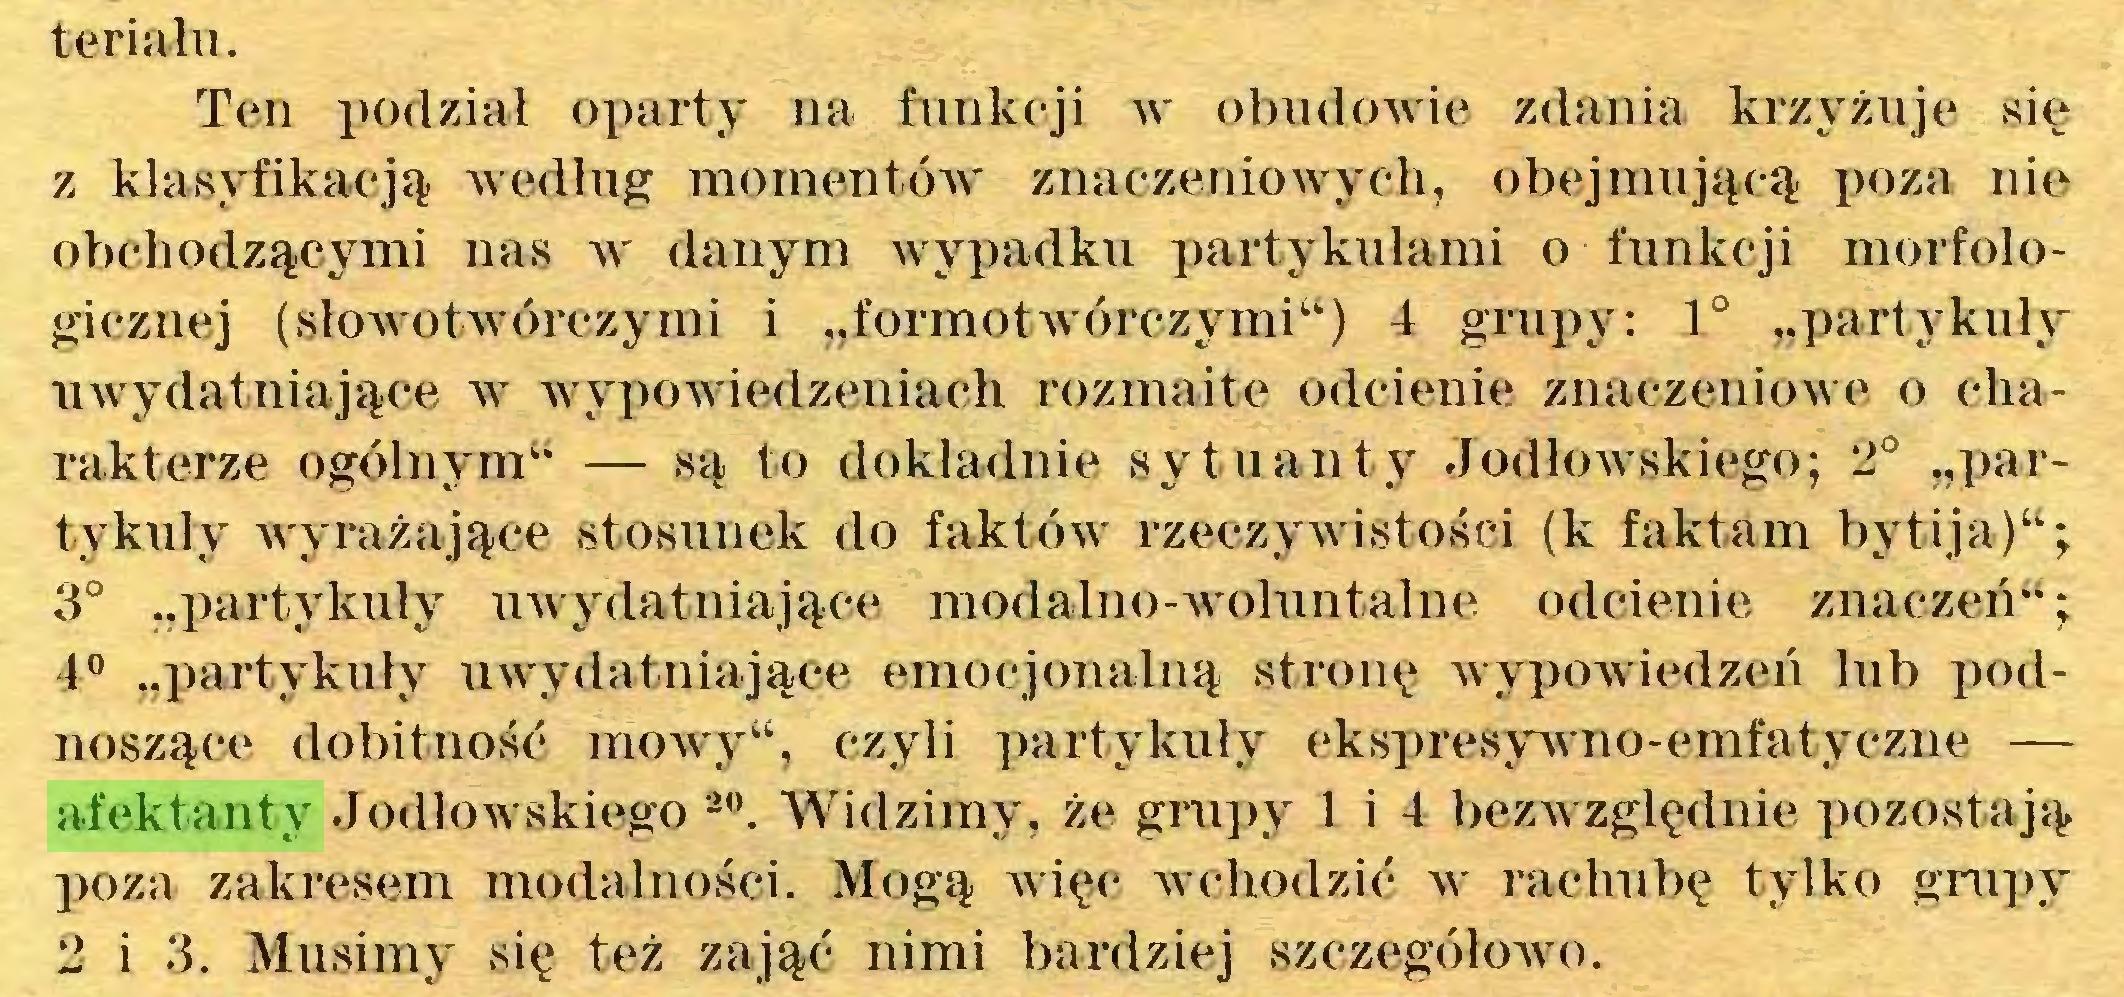 """(...) teriału. Ten podział oparty na funkcji w obudowie zdania krzyżuje się z klasyfikacją według momentów znaczeniowych, obejmującą poza nie obchodzącymi nas w danym wypadku partykułami o funkcji morfologicznej (słowotwórczymi i """"f ormotwórczymi"""") 4 grupy: 1° """"partykuły uwydatniające w wypowiedzeniach rozmaite odcienie znaczeniowe o charakterze ogólnym"""" — są to dokładnie sytuanty Jodłowskiego; 2° """"partykuły wyrażające stosunek do faktów rzeczywistości (k faktam bytija)""""; 3° """"partykuły uwydatniające modalno-woluntalne odcienie znaczeń""""; 4° """"partykuły uwydatniające emocjonalną stronę wypowiedzeń lub podnoszące dobitność mowy"""", czyli partykuły ekspresywno-emfatyczne — afektanty Jodłowskiego 20. Widzimy, że grupy 1 i 4 bezwzględnie pozostają poza zakresem modalności. Mogą więc wchodzić w rachubę tylko grupy 2 i 3. Musimy się też zająć nimi bardziej szczegółowo..."""